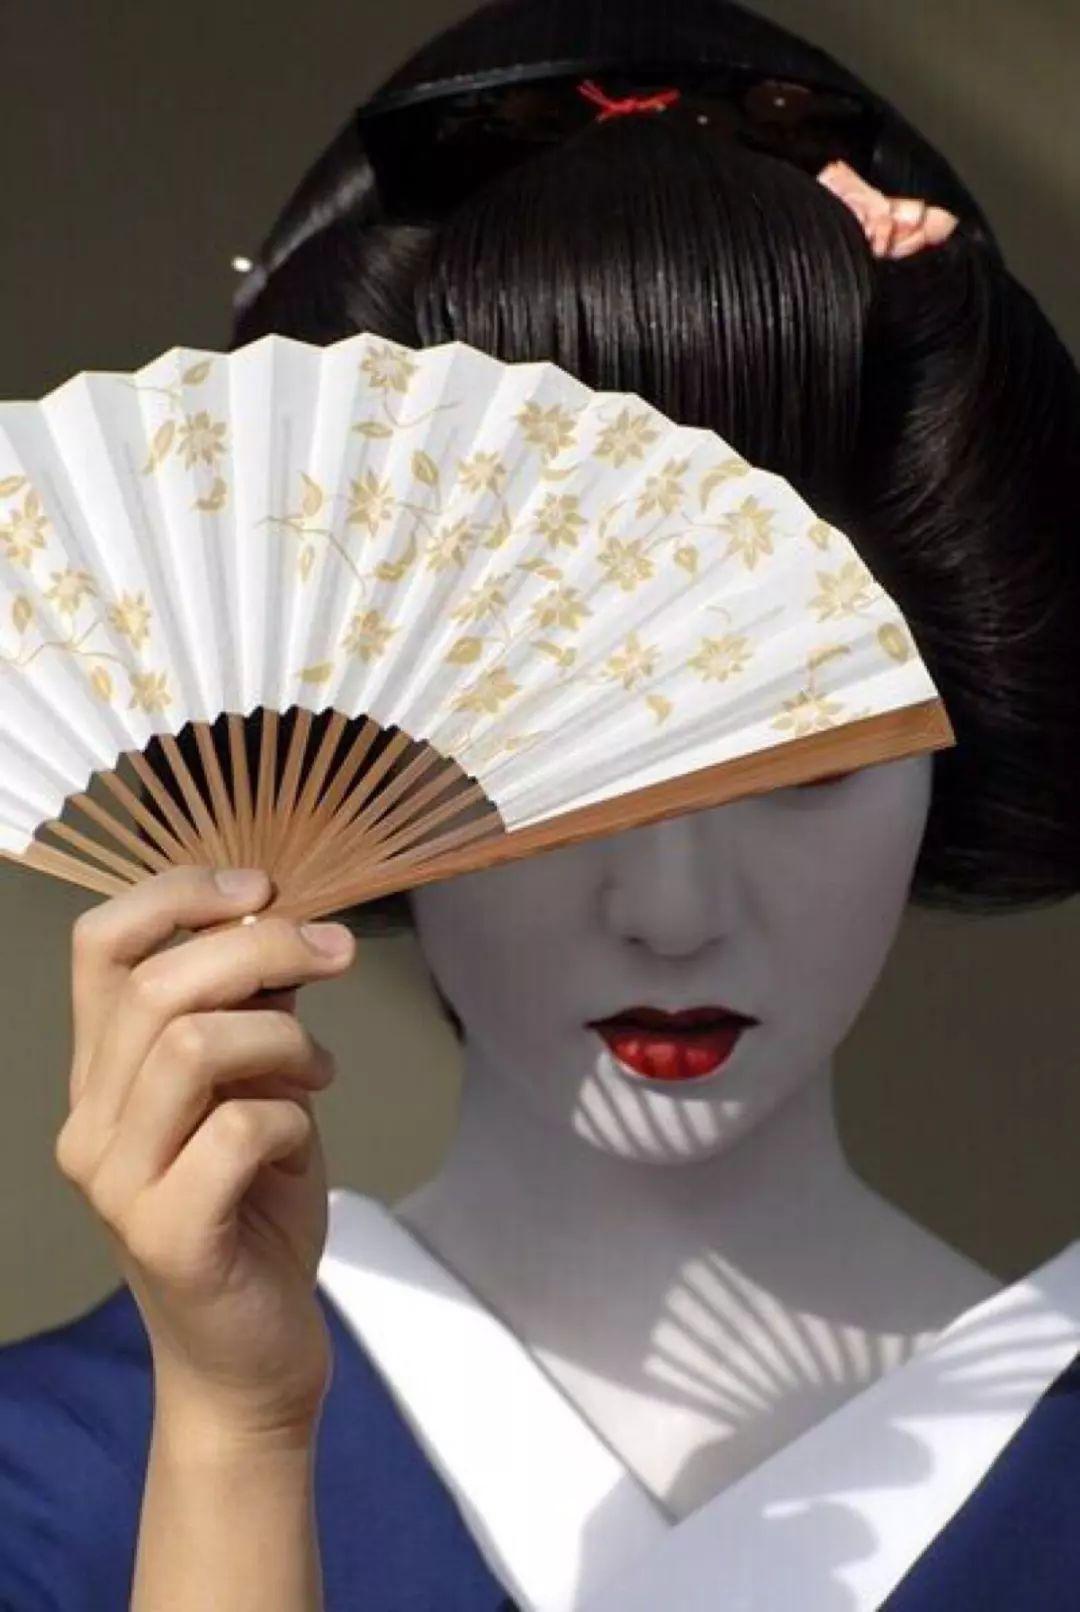 日本艺伎美丽背后的真相,只有她们自己知道…